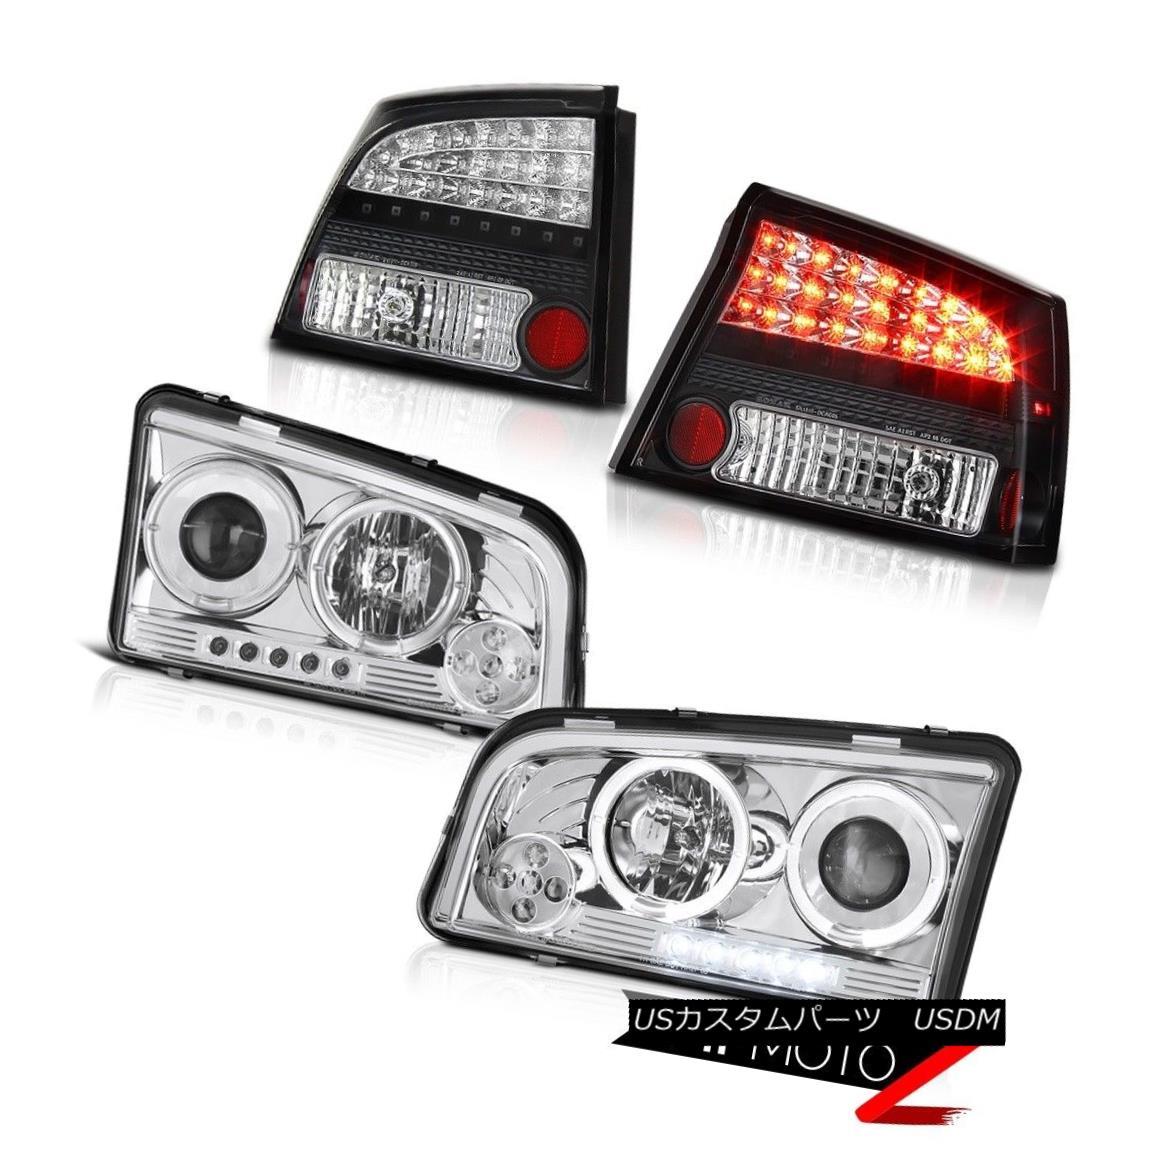 テールライト 09 10 Charger Super Bee Angel Eye Halo Brightest Headlight Black LED Tail Lights 09 10充電器スーパー・ビー・エンジェル・アイヘイロー・ブライト・ヘッドライトブラックLEDテール・ライト